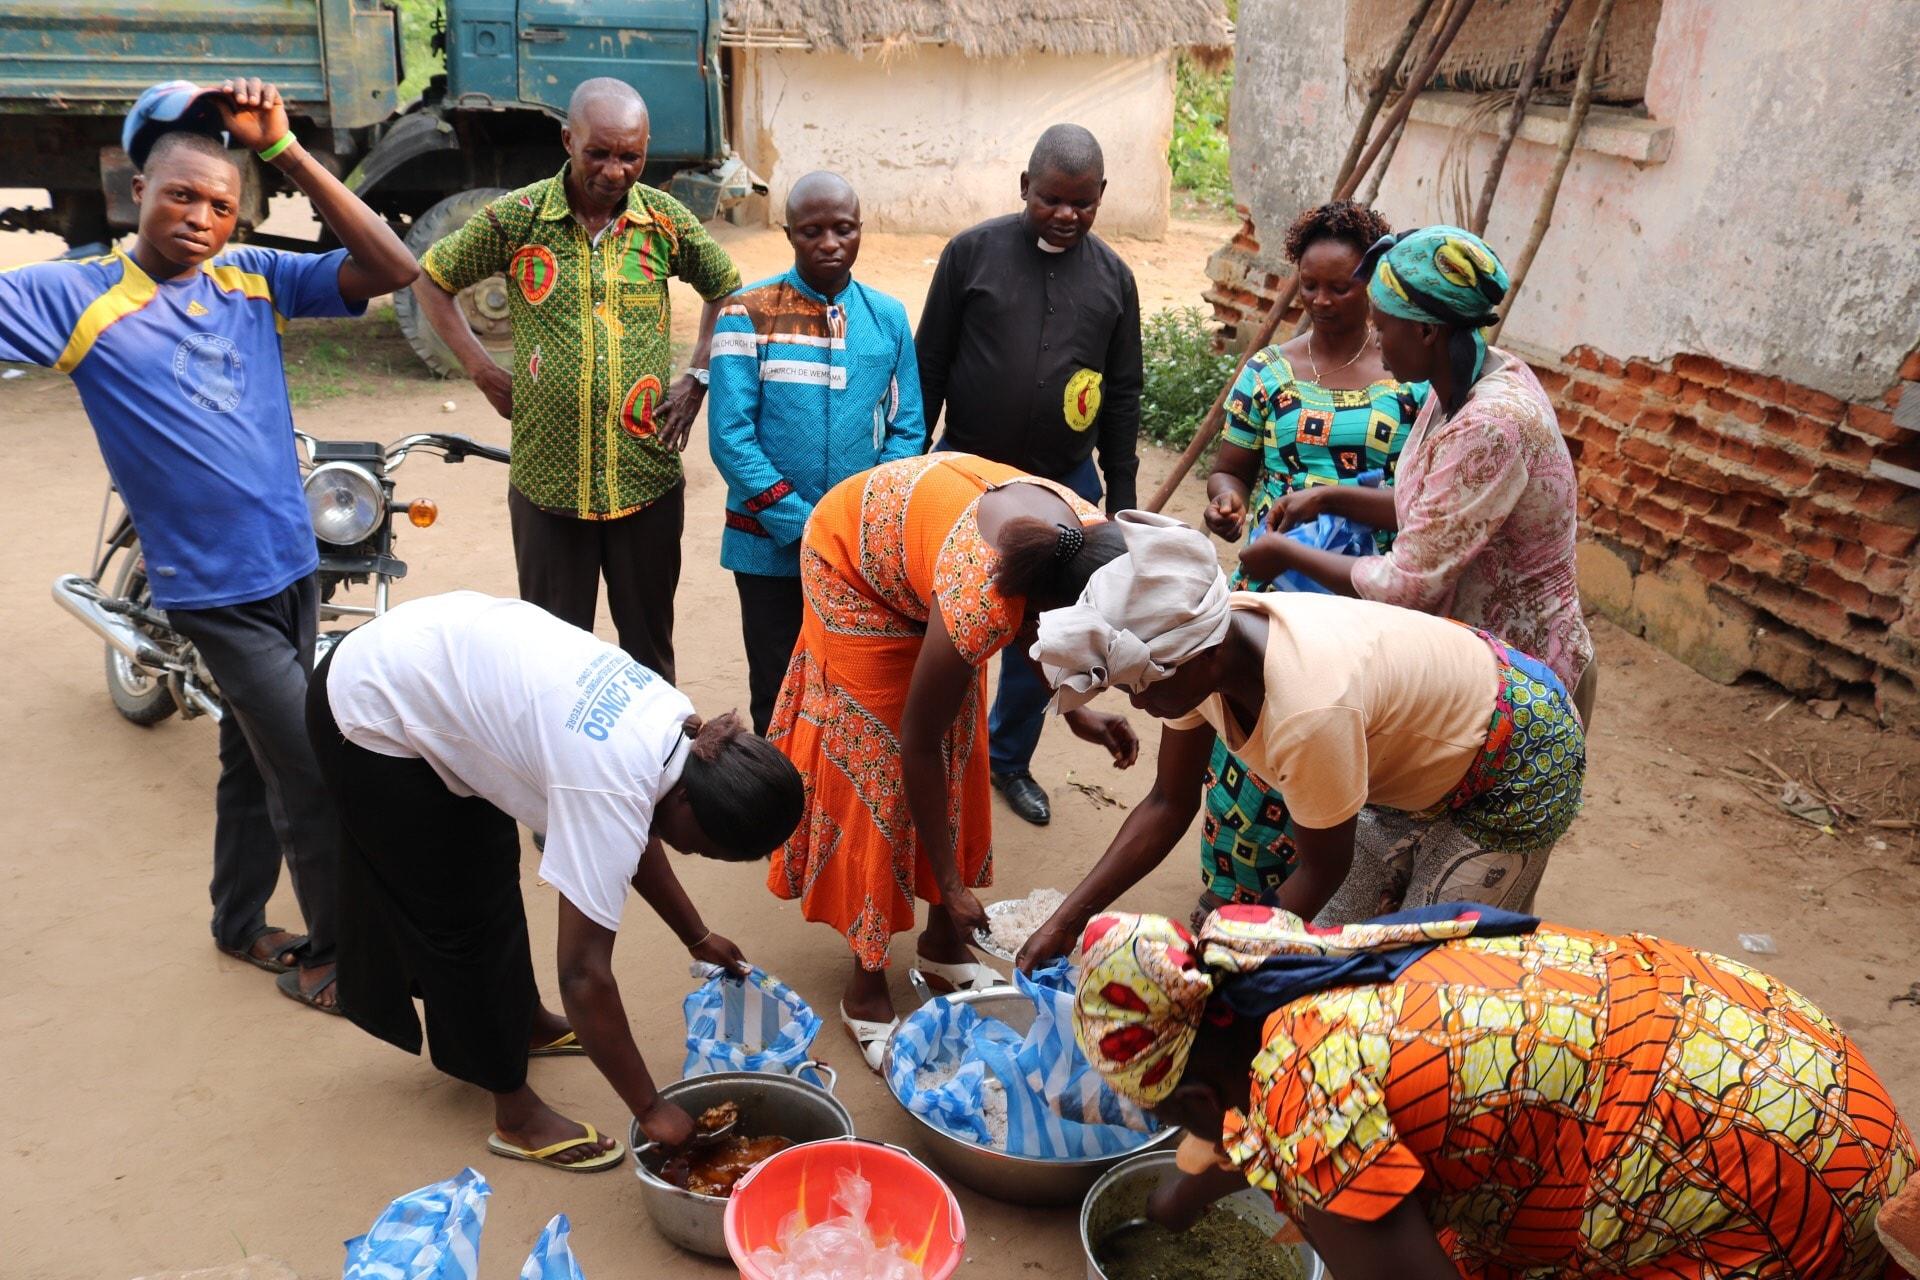 Les femmes de l'Église Méthodiste Unie de Lodja se préparent à distribuer de la nourriture aux pensionnaires de la Prison Centrale de Lodja. Photo de François Omanyondo, UM News.